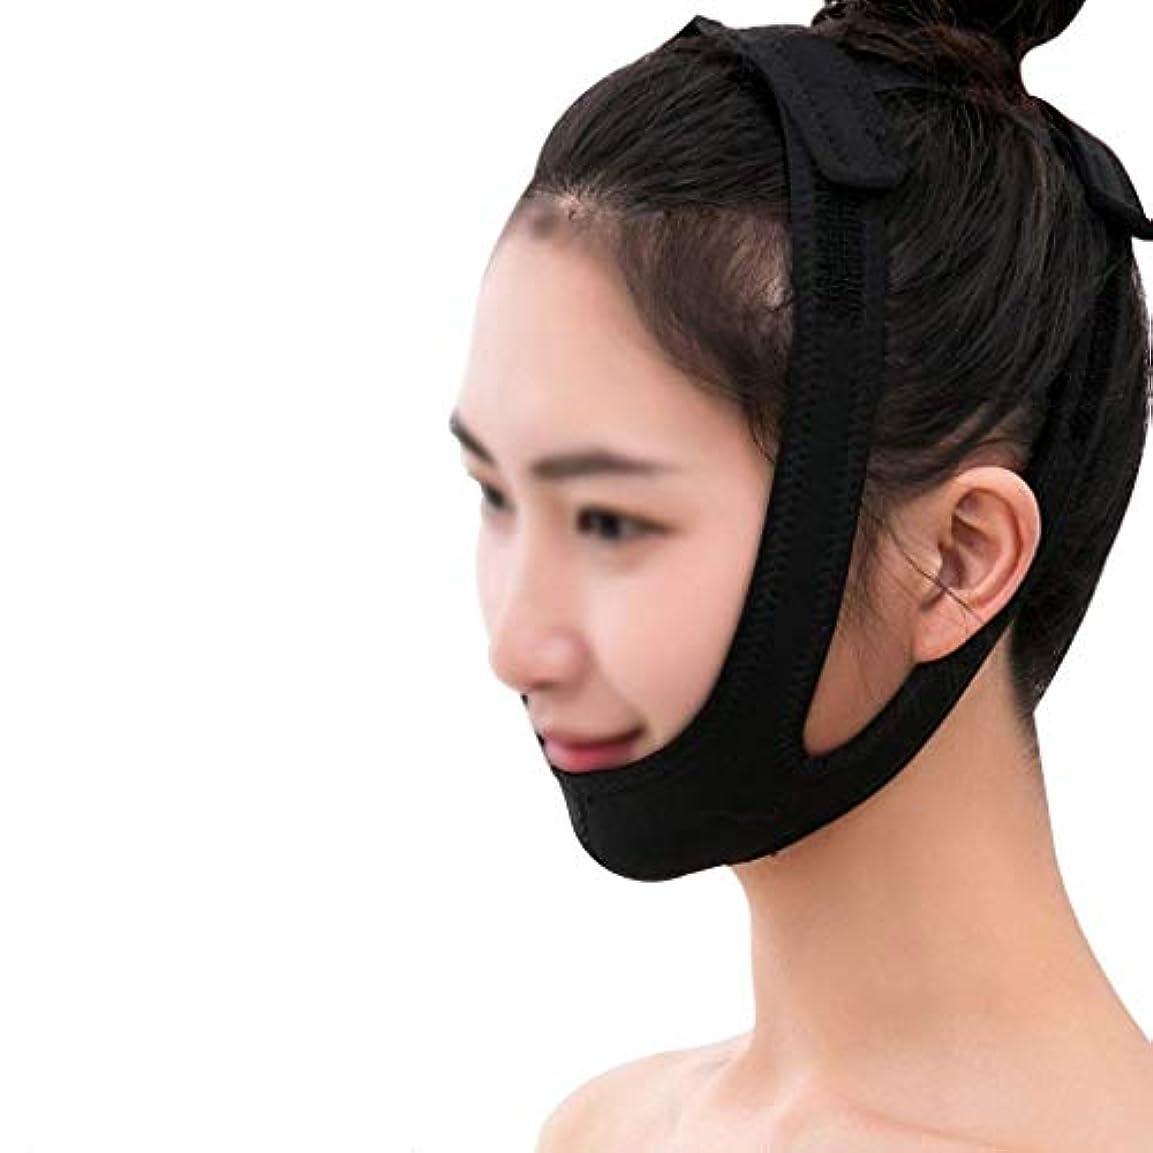 スリチンモイヒョウ郡フェイシャルリフティングマスク、医療用ワイヤーカービングリカバリーヘッドギアVフェイスバンデージダブルチンフェイスリフトマスク